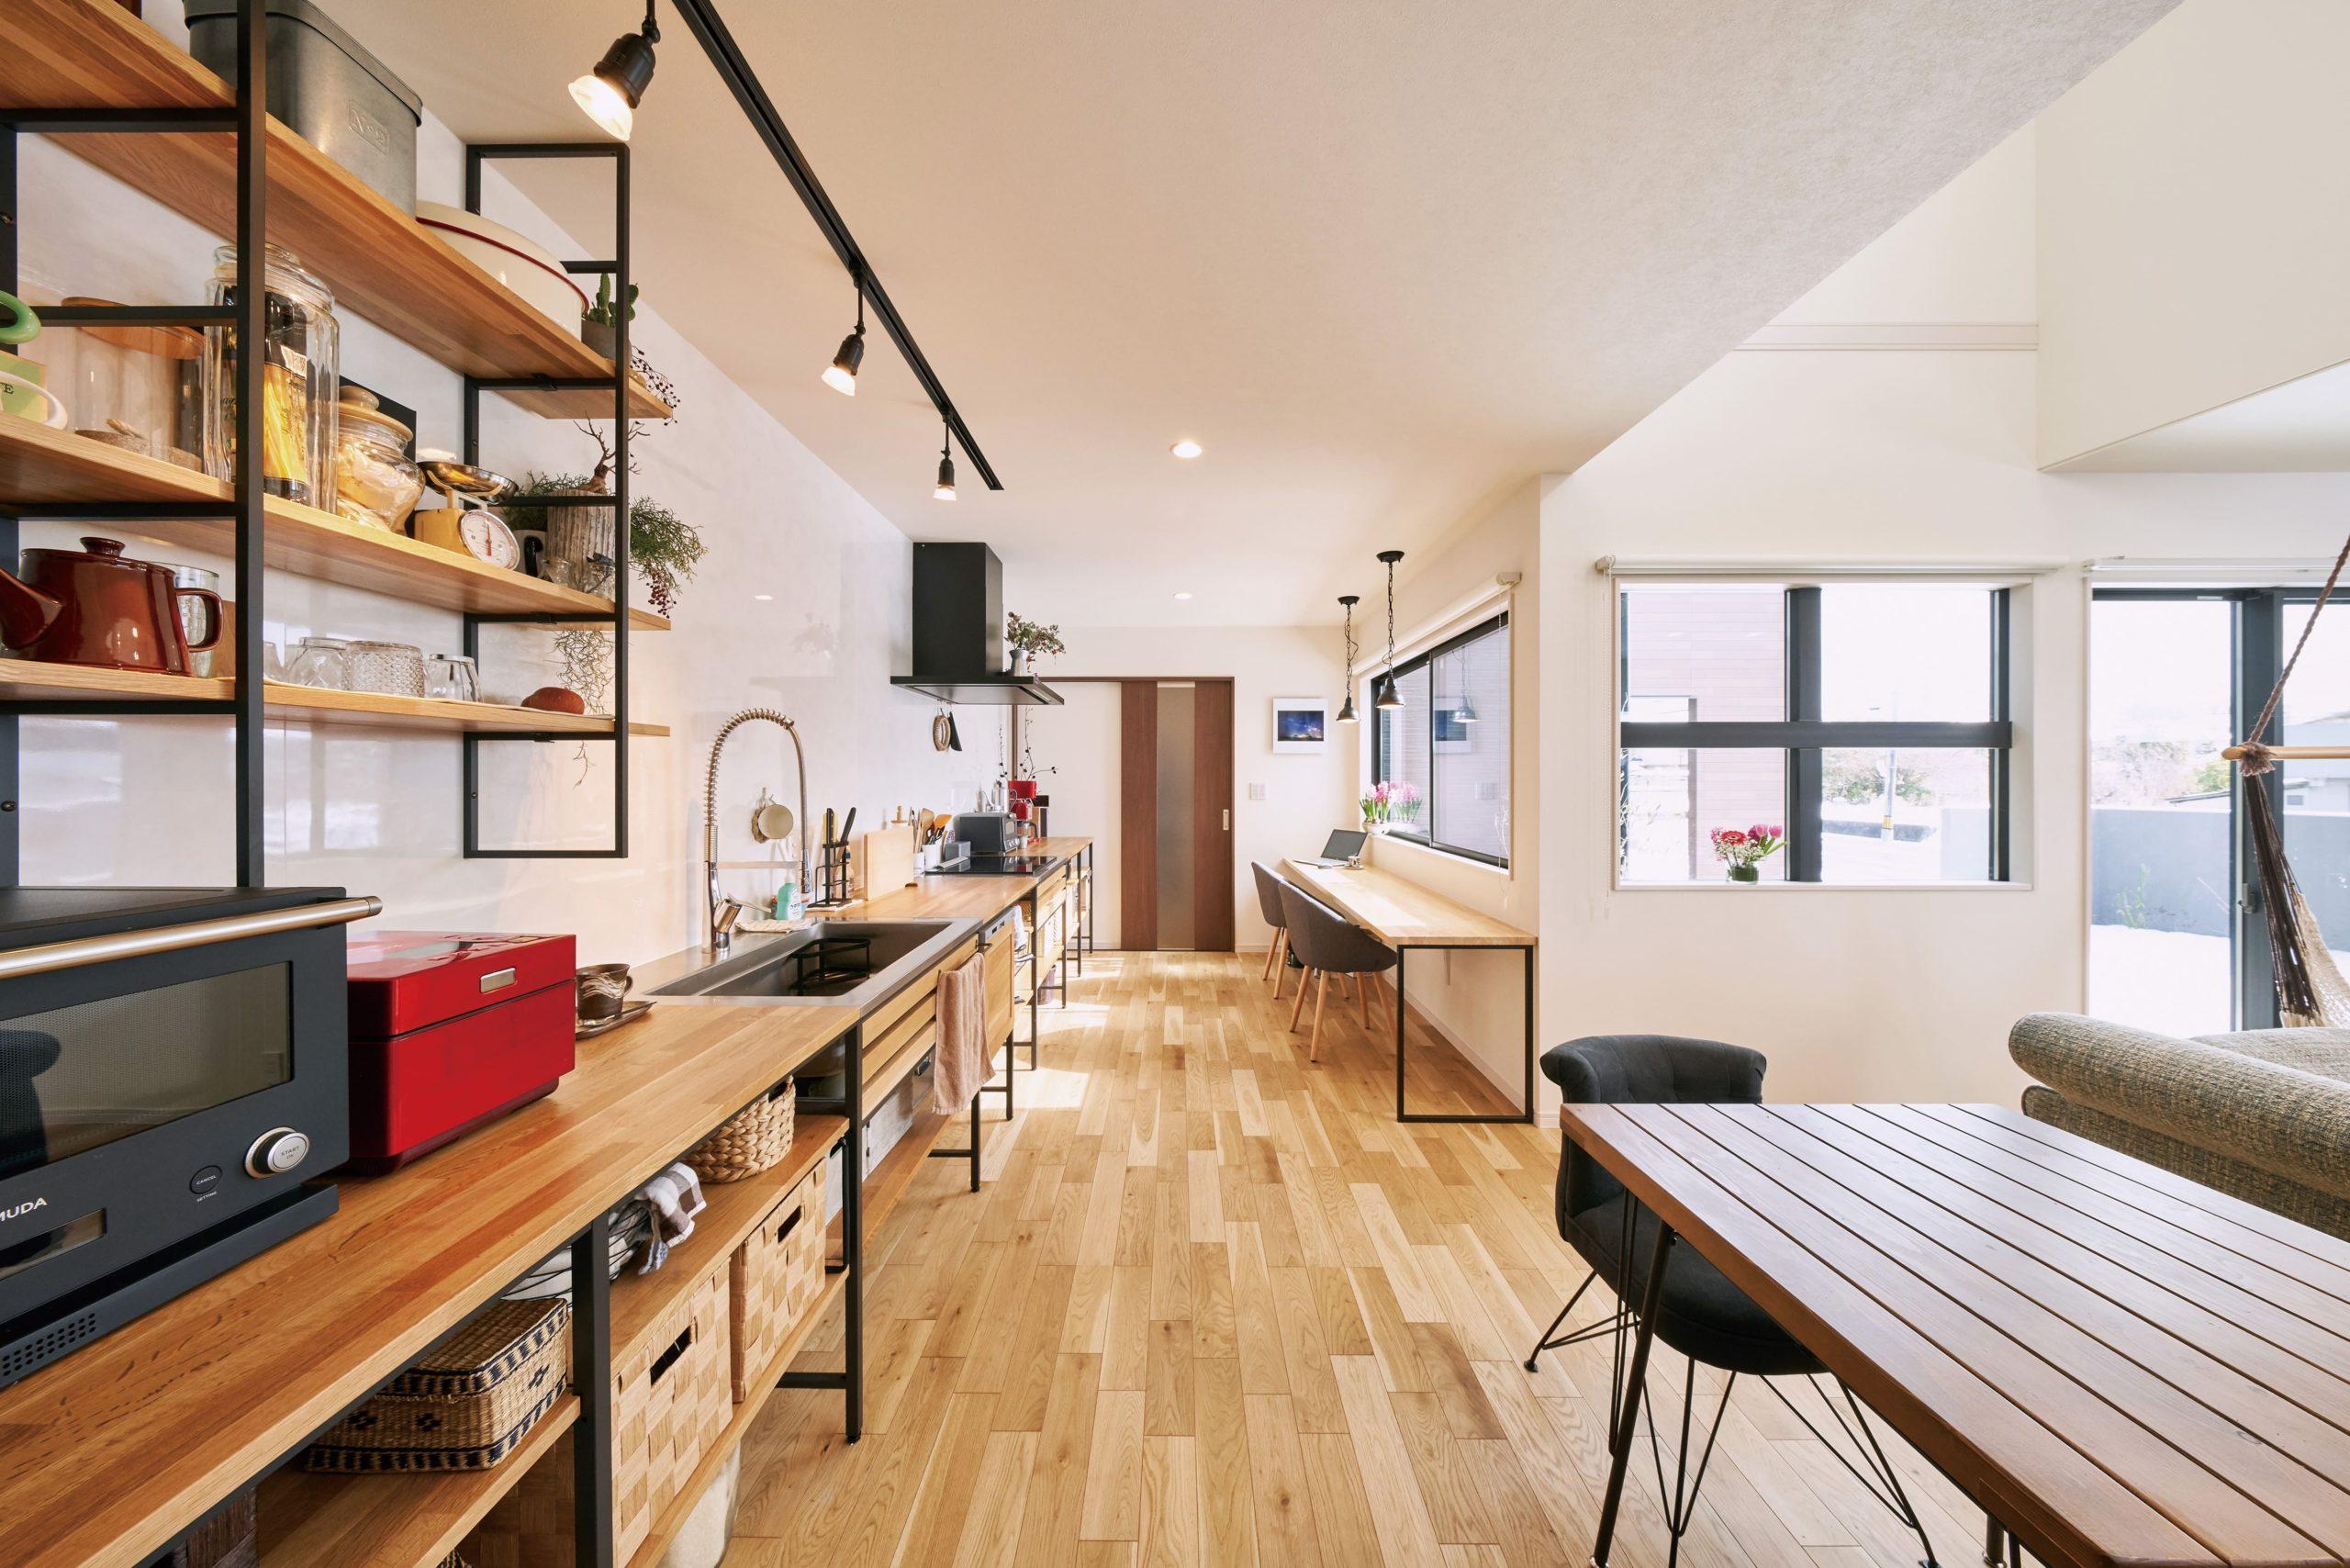 通常サイズの約2.2倍と横一列のI型キッチン。並んで料理が楽しめる、使いやすいのにスッキリとまとまっている空間。